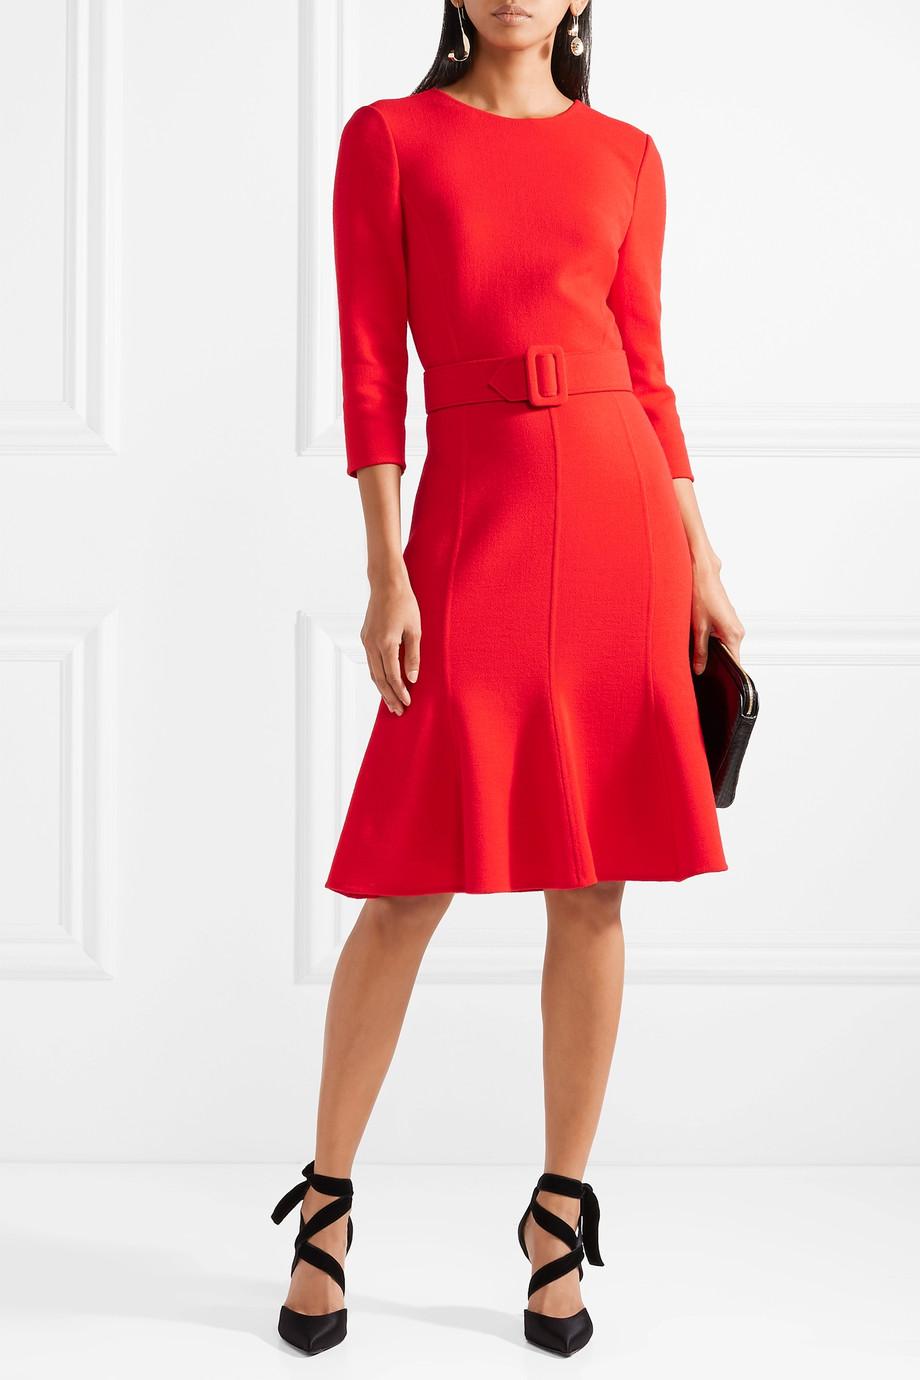 come vestirsi alle feste abito rosso oscar de la renta